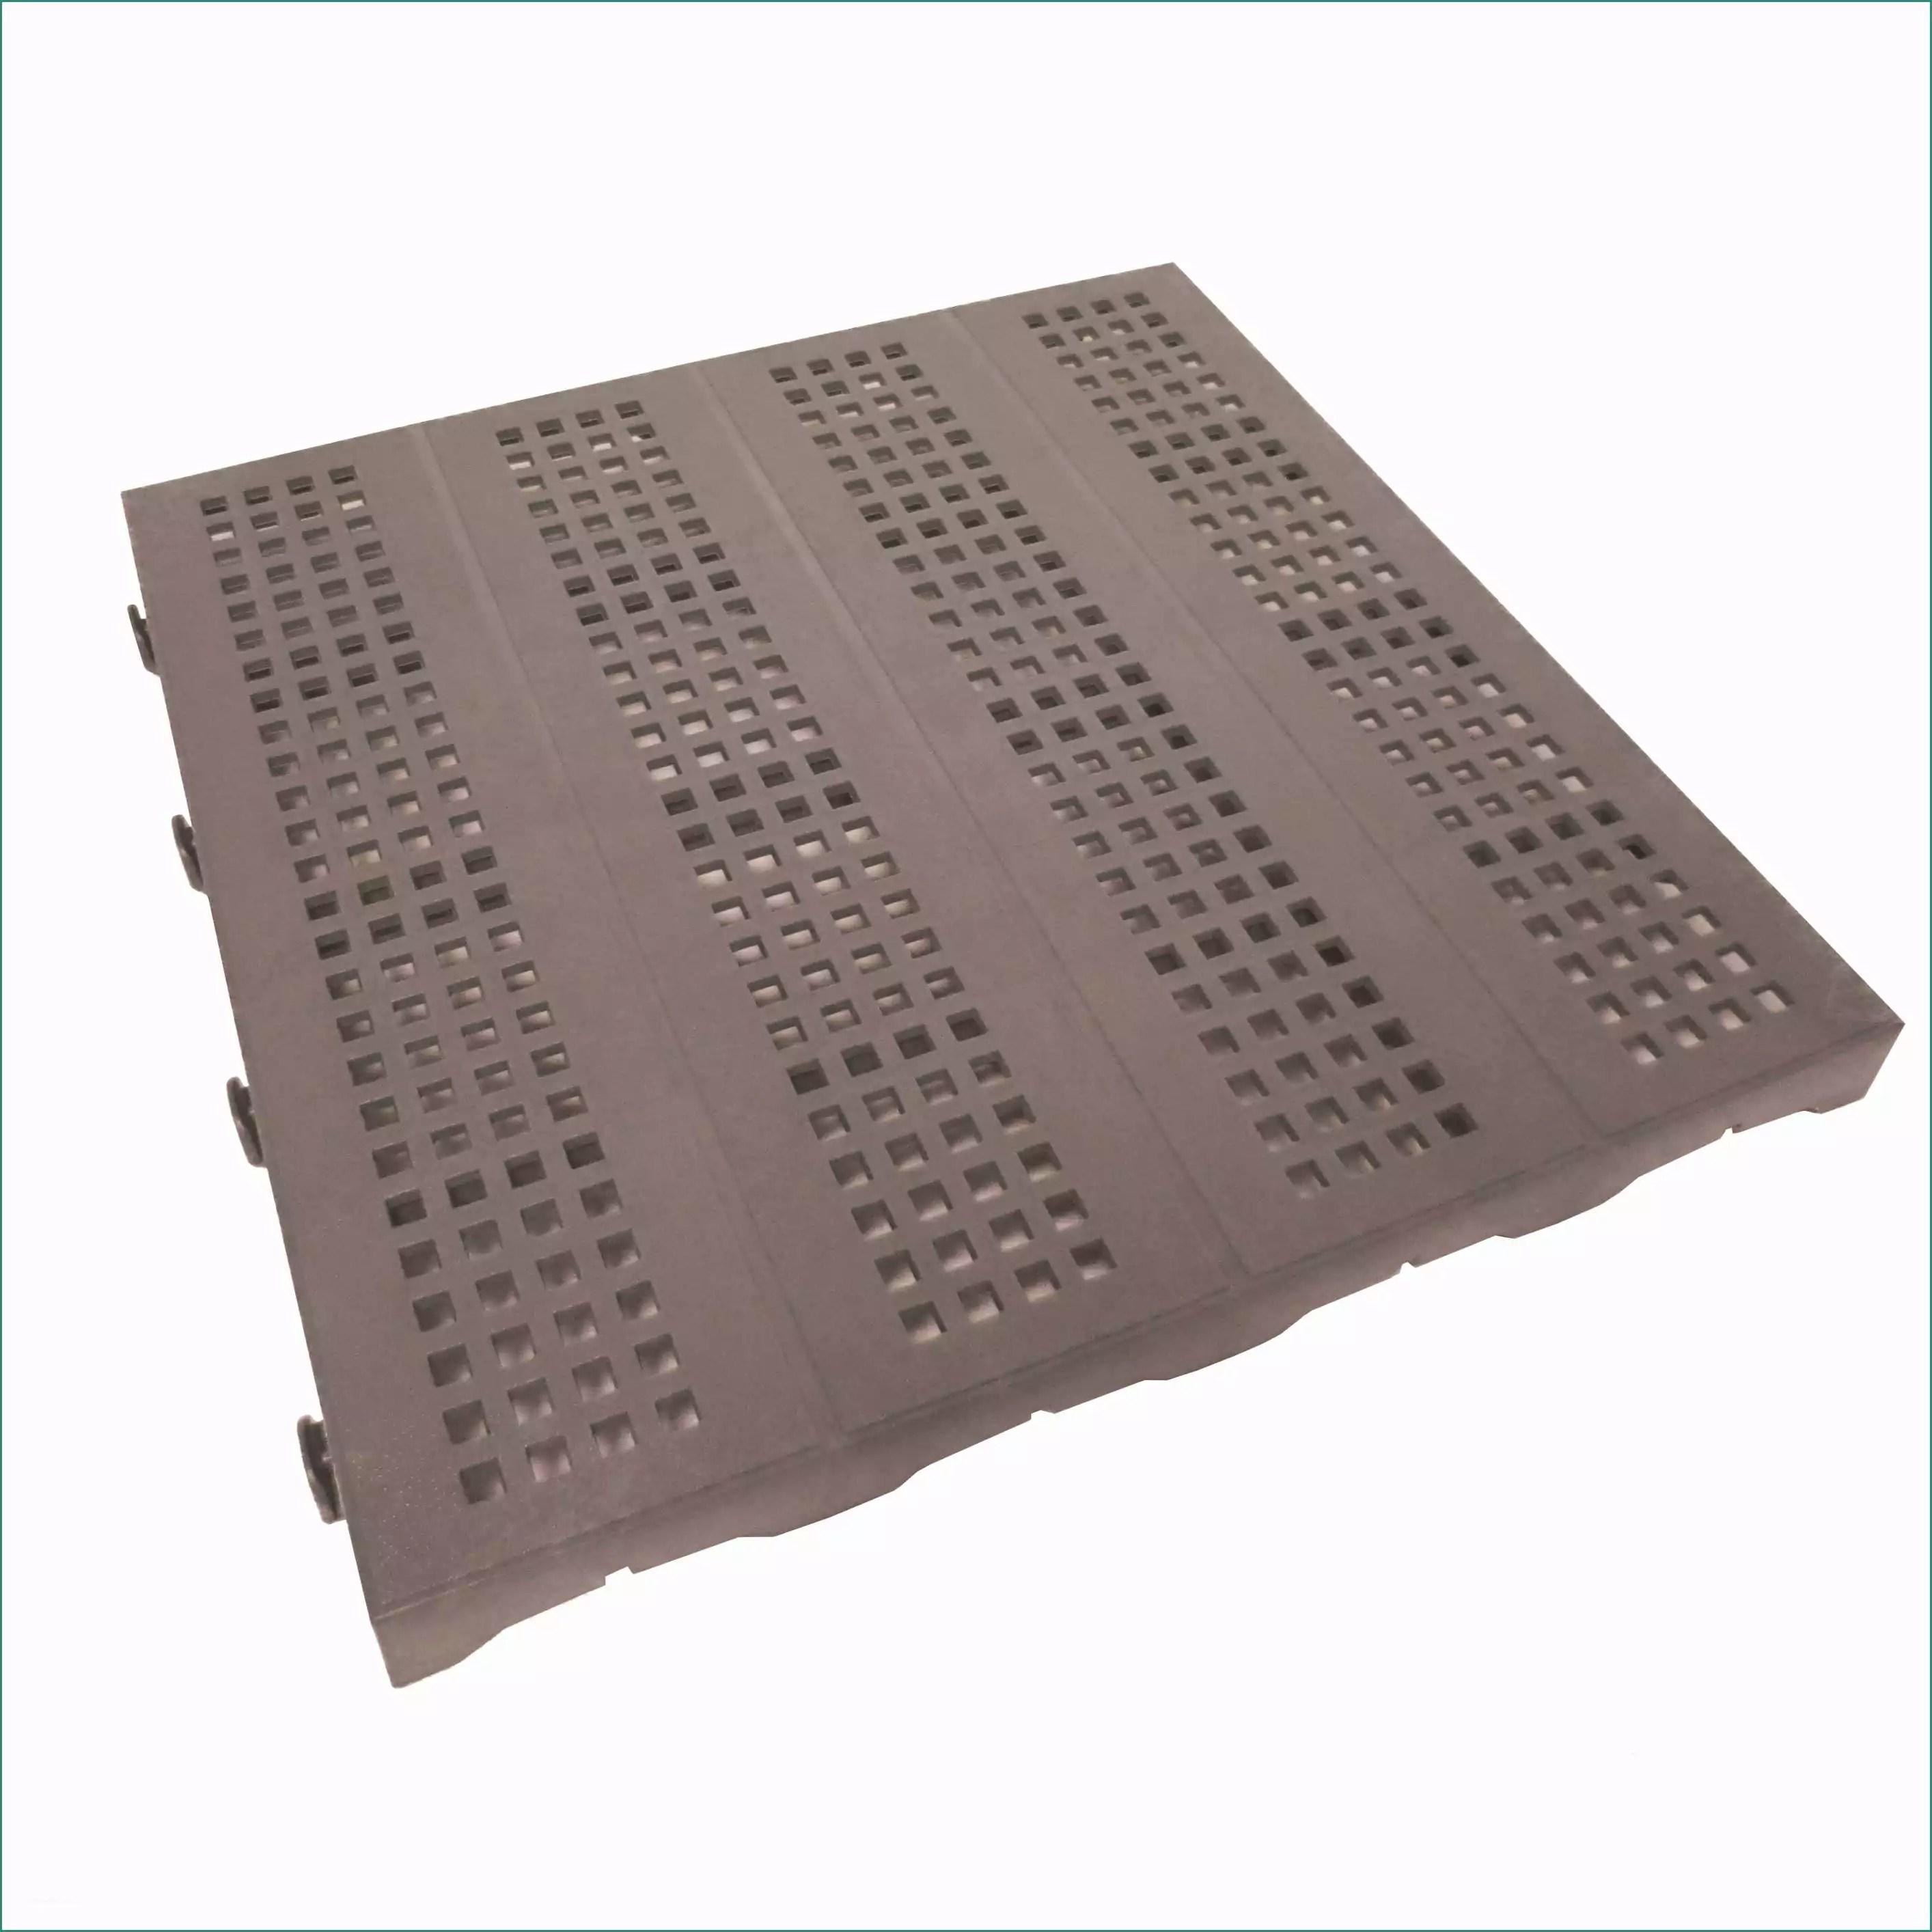 Pannelli Plastica Rigida Leroy Merlin E Pavimento Per Esterni In Plastica Piastrella by